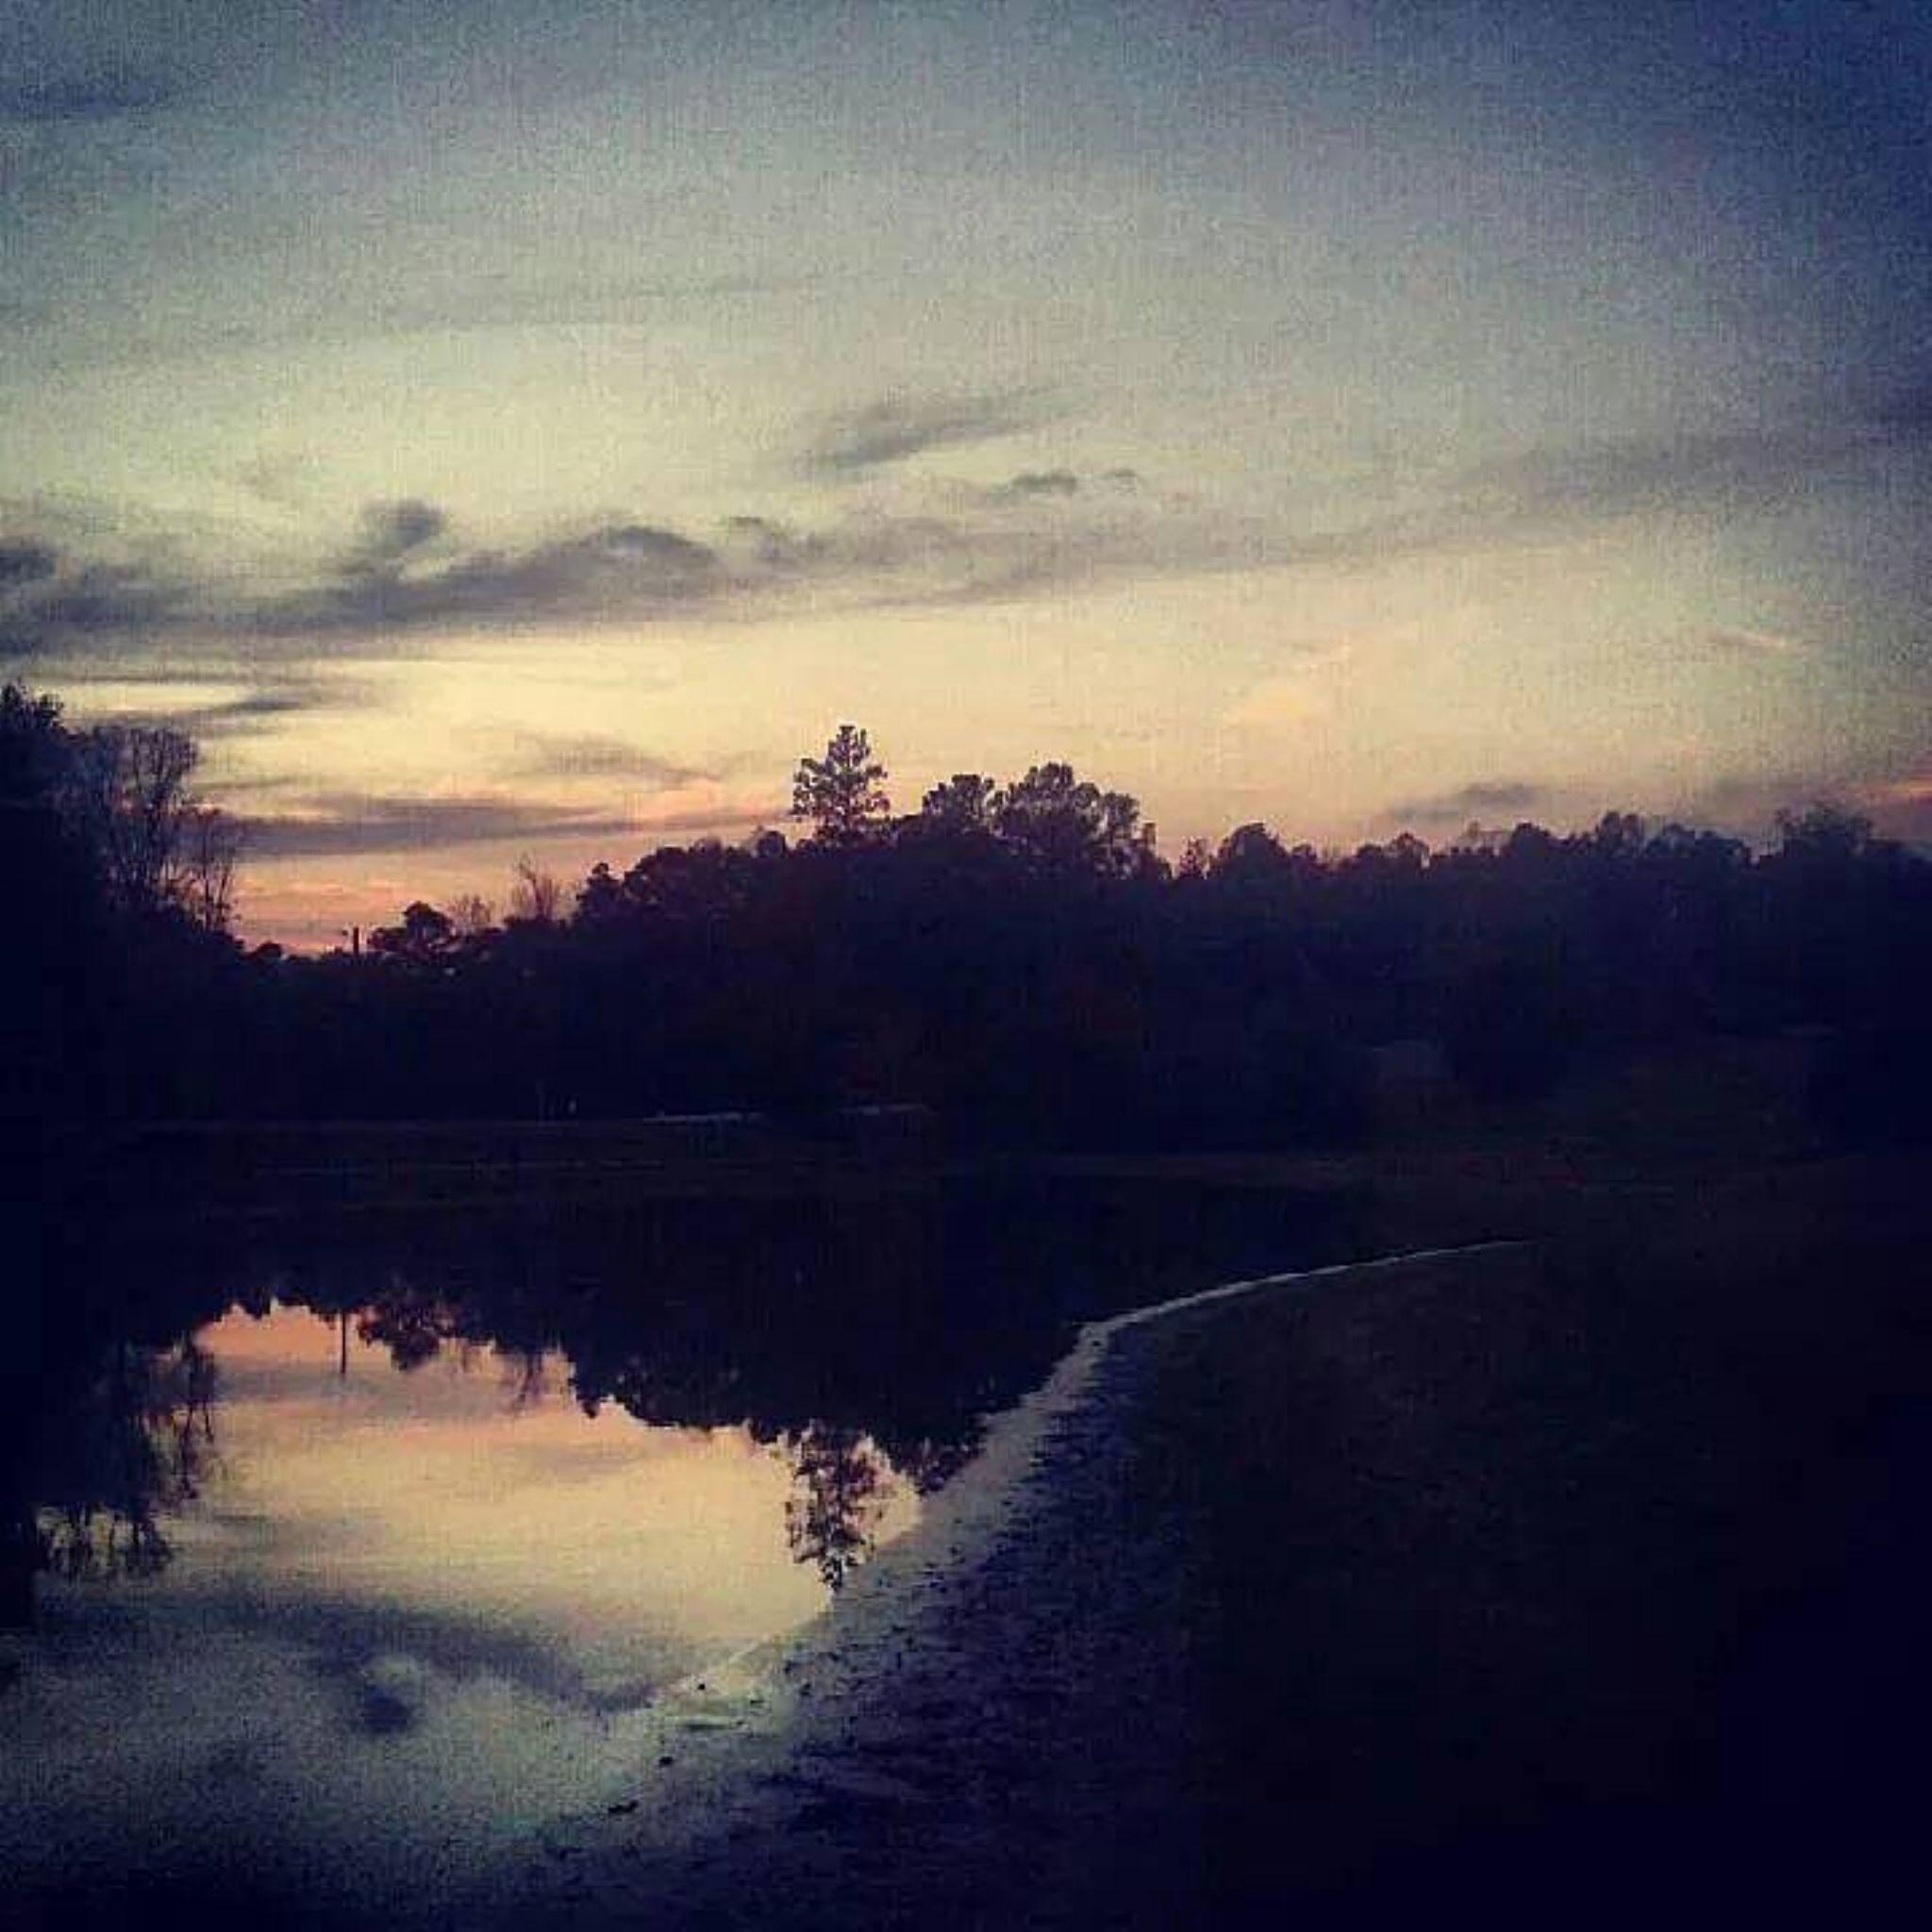 Georgia Night. by Chelsey Elizabeth